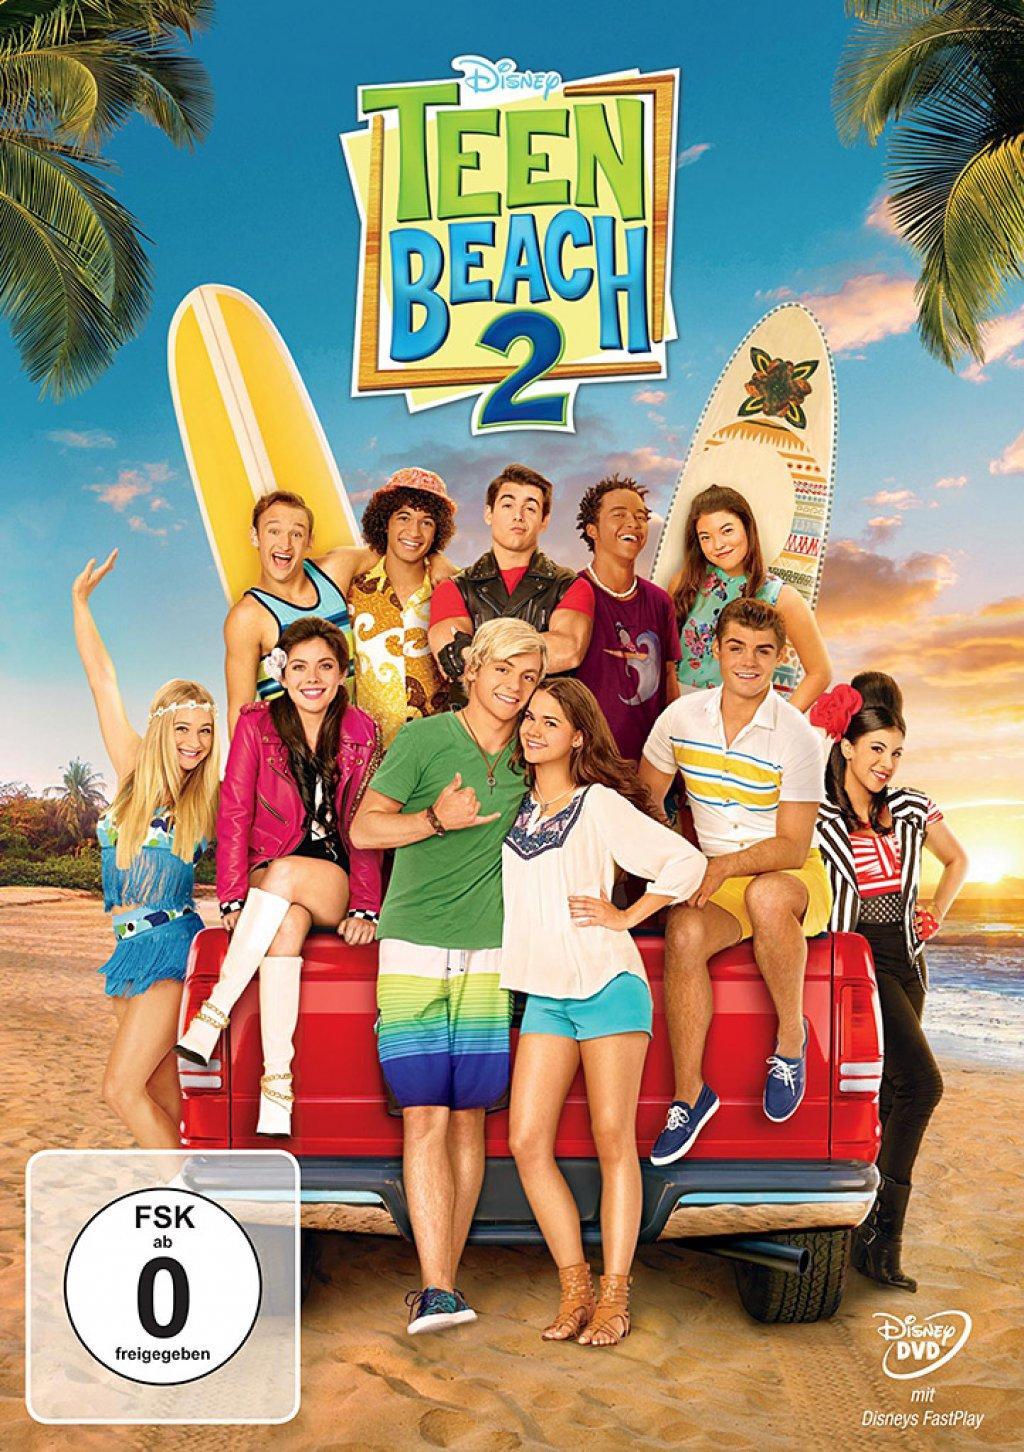 Teen Beach 2 (DVD)